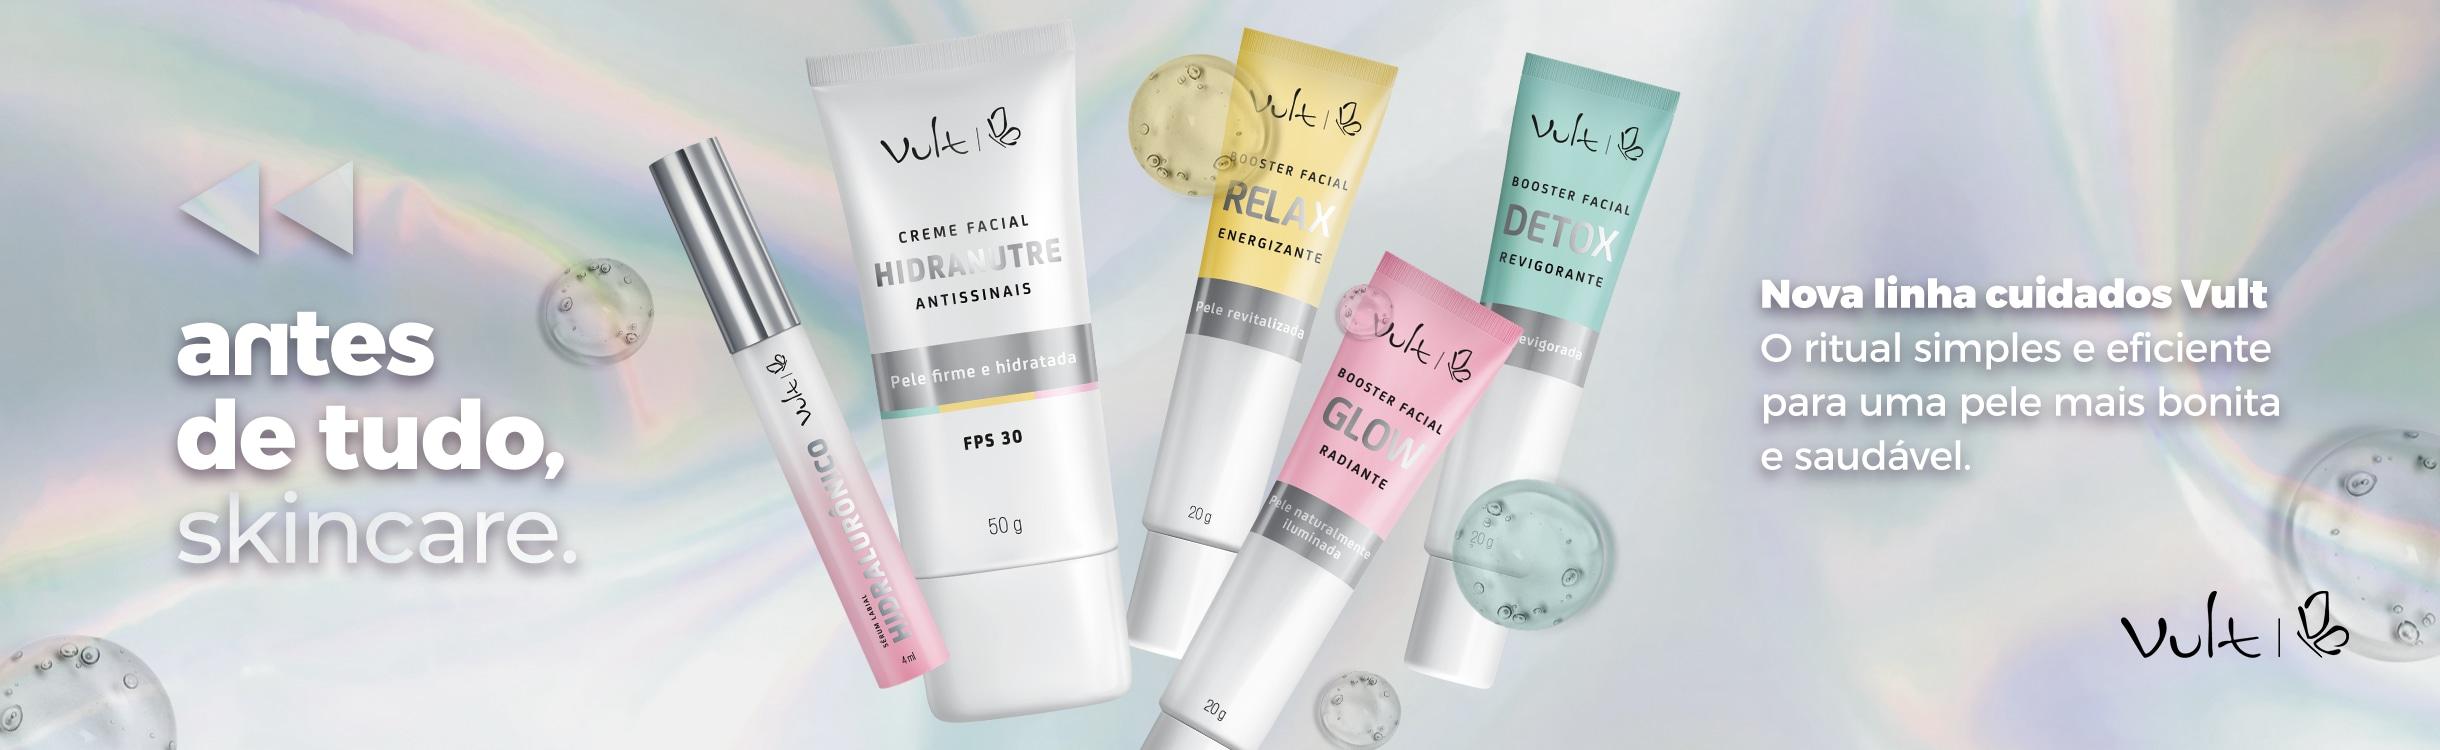 Potencialize seu Skincare com Vult